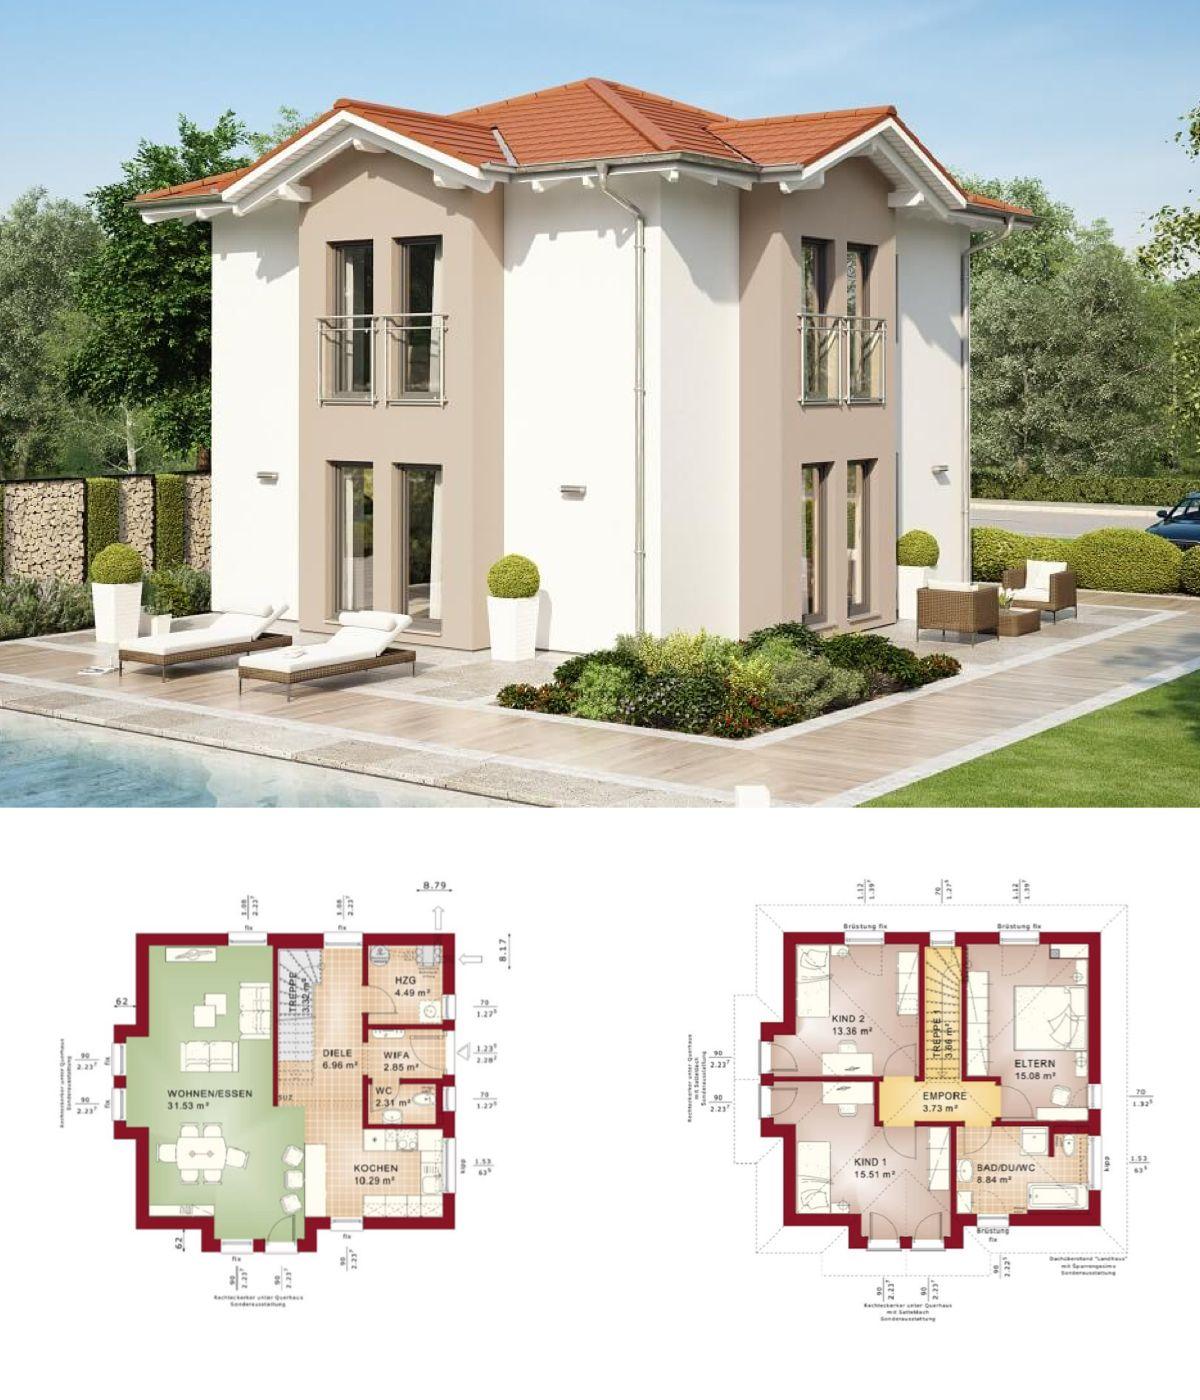 Fertighaus Evolution 116 V5 Bien Zenker - Modernes Einfamilienhaus ...